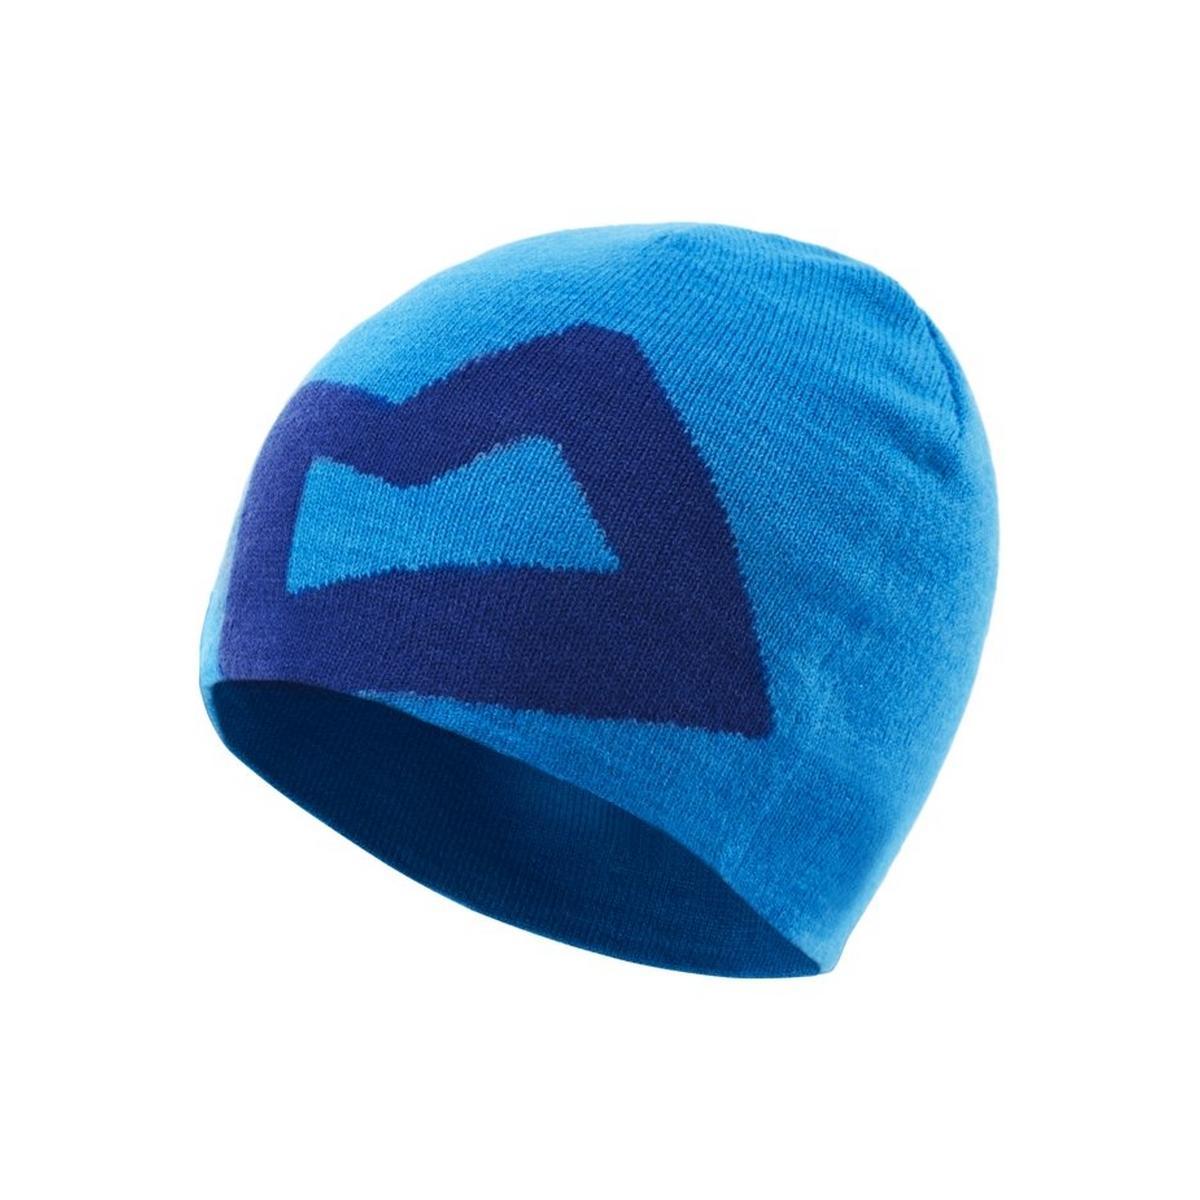 Mountain Equipment Men's Branded Knitted Beanie - Blue